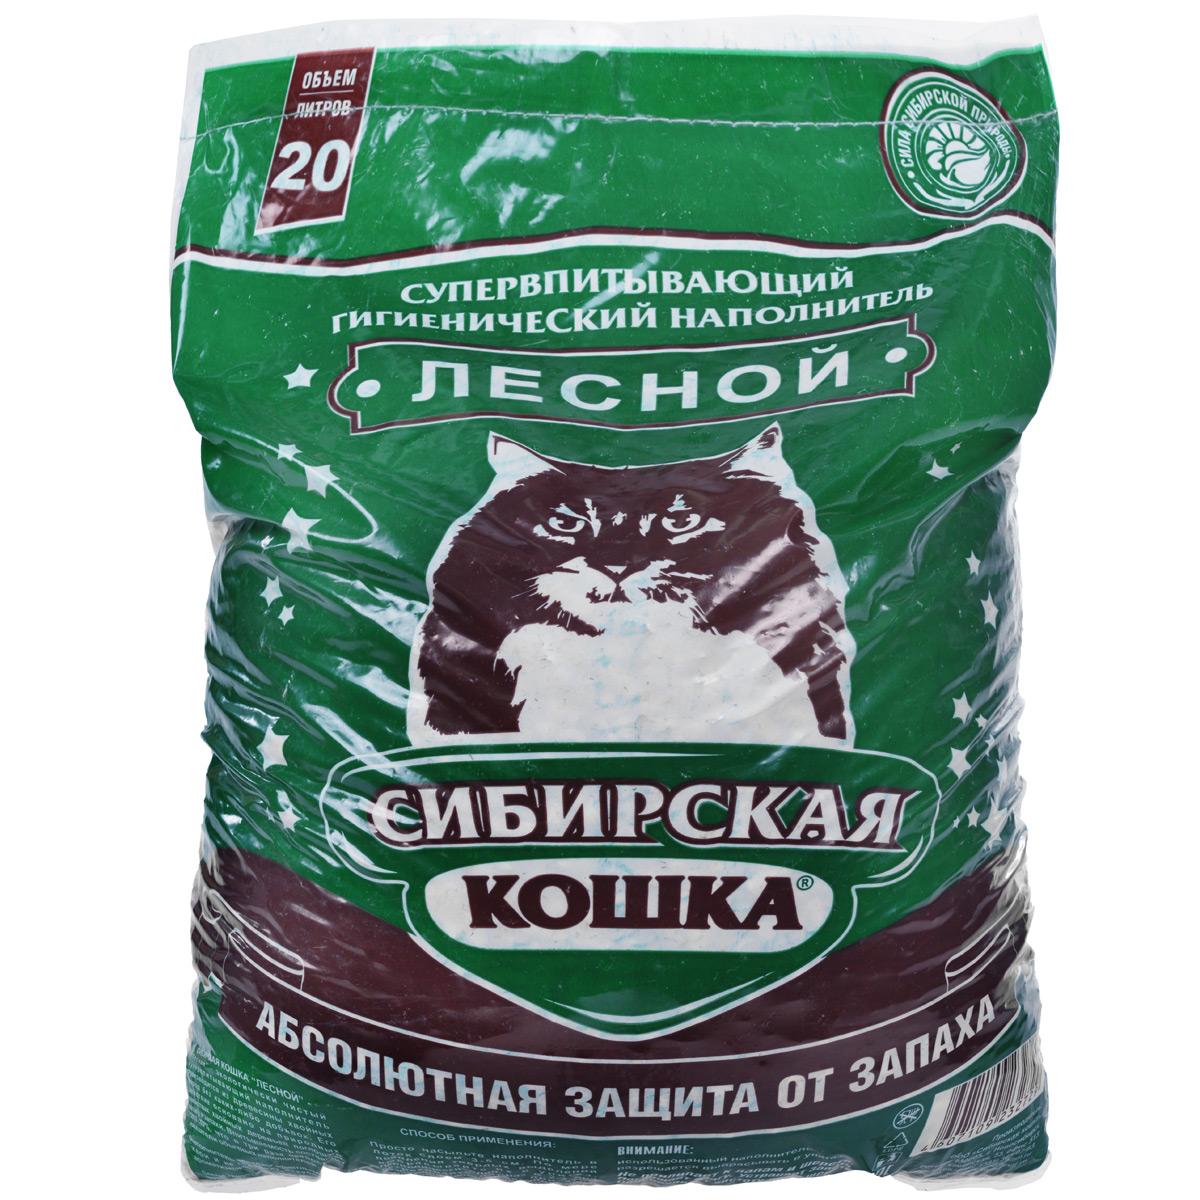 Наполнитель для кошачьих туалетов Сибирская Кошка Лесной, древесный, 20 л0120710Экологически чистый супервпитывающий наполнитель для кошачьих туалетов Сибирская Кошка Лесной производится из древесины хвойных пород в отсутствии каких-либо присадок. Его действие базируется на естественных свойствах составляет 260-320%, что в 3 раза превосходит характеристики обычных наполнителей. Дезинфицирующие качества наполнителя содействуют уничтожению болезнетворных микробов.Обладает природным естественным запахом хвои.Наполнитель возможно использовать также как подстилку в клетках для кроликов, морских свинок, крыс и хомяков.Состав: древесина хвойных пород.Размер гранулы: 8 мм.Объем: 20 л.Товар сертифицирован.